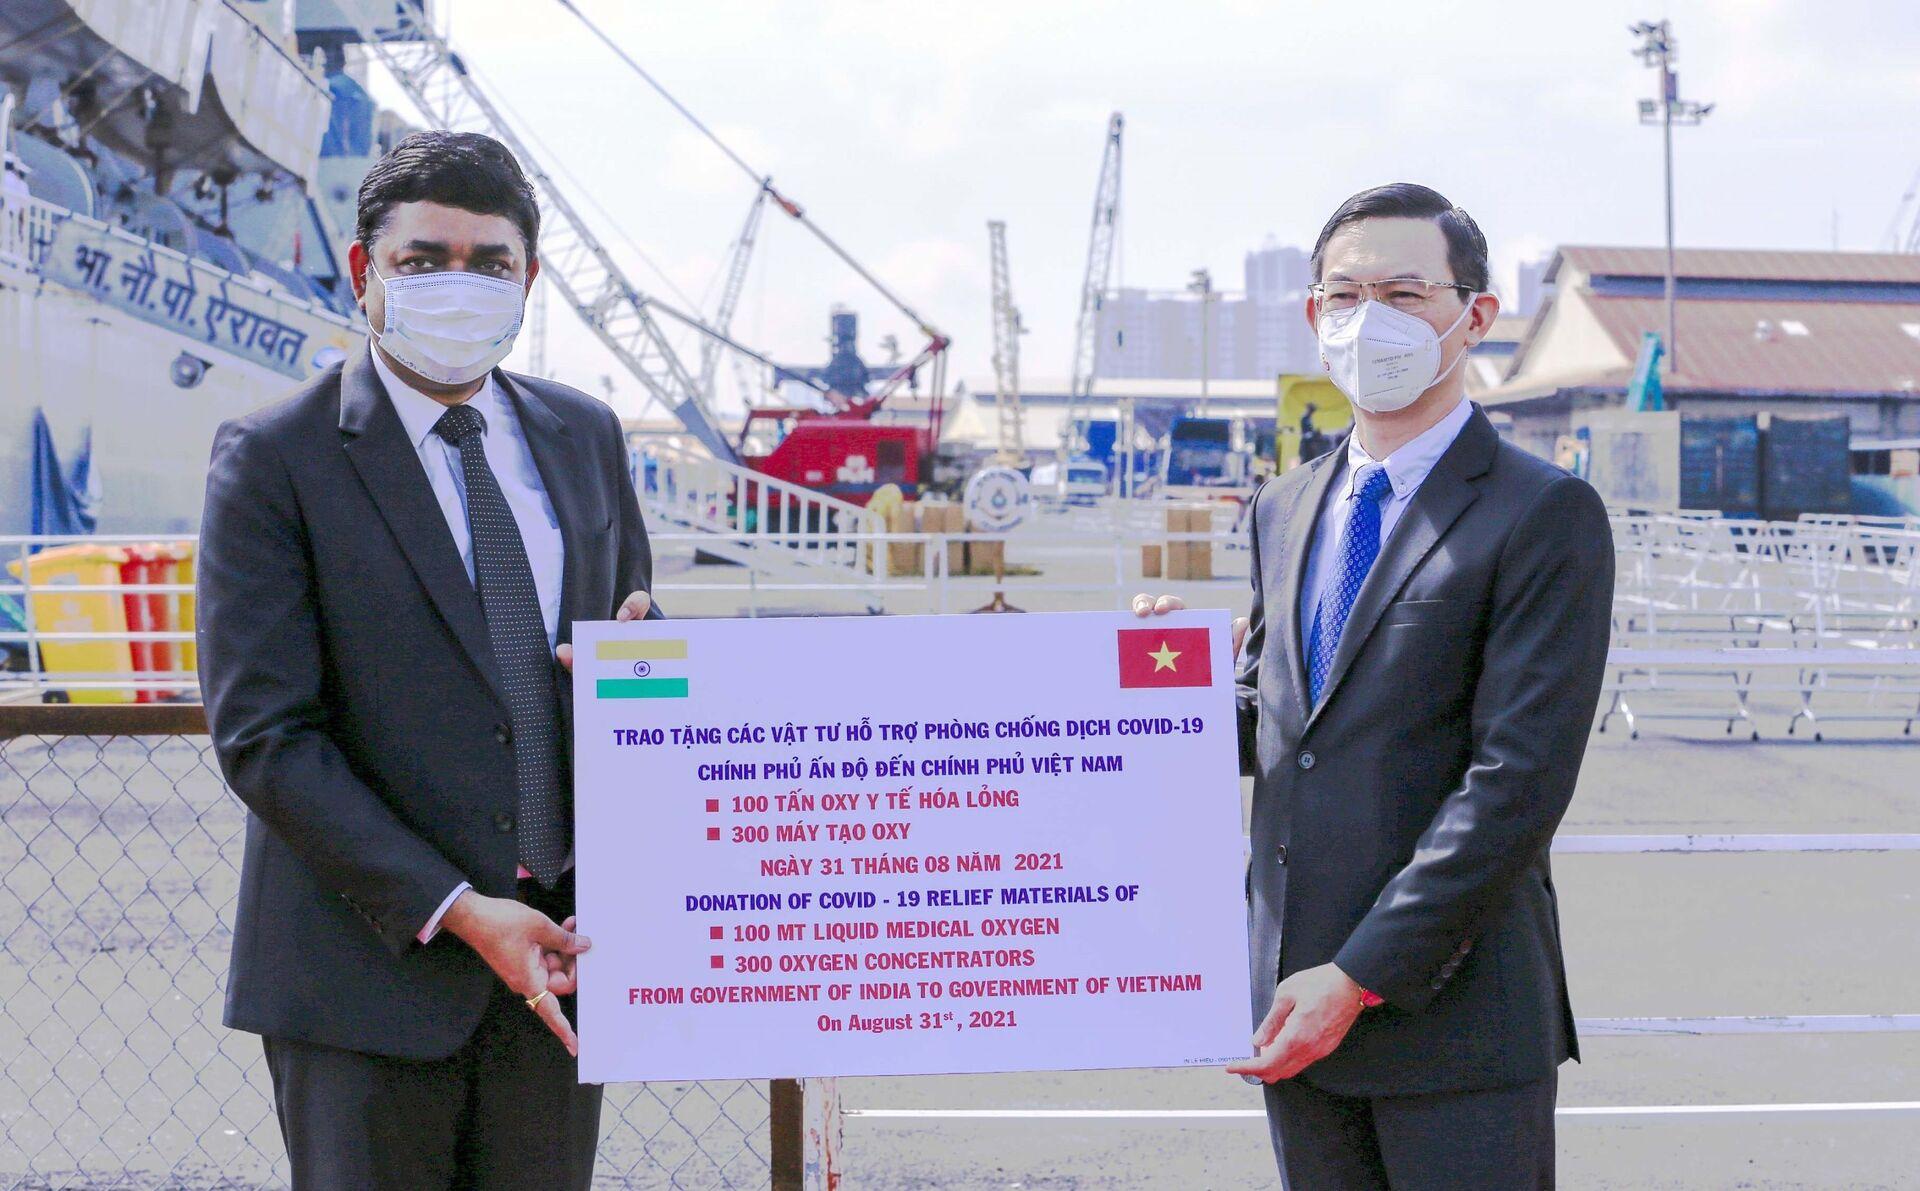 Ông Trần Phước Anh, Giám đốc Sở Ngoại vụ Thành phố Hồ Chí Minh (phải) tiếp nhận tượng trưng lô thiết bị y tế do Chính phủ Ấn Độ trao tặng. - Sputnik Việt Nam, 1920, 05.10.2021